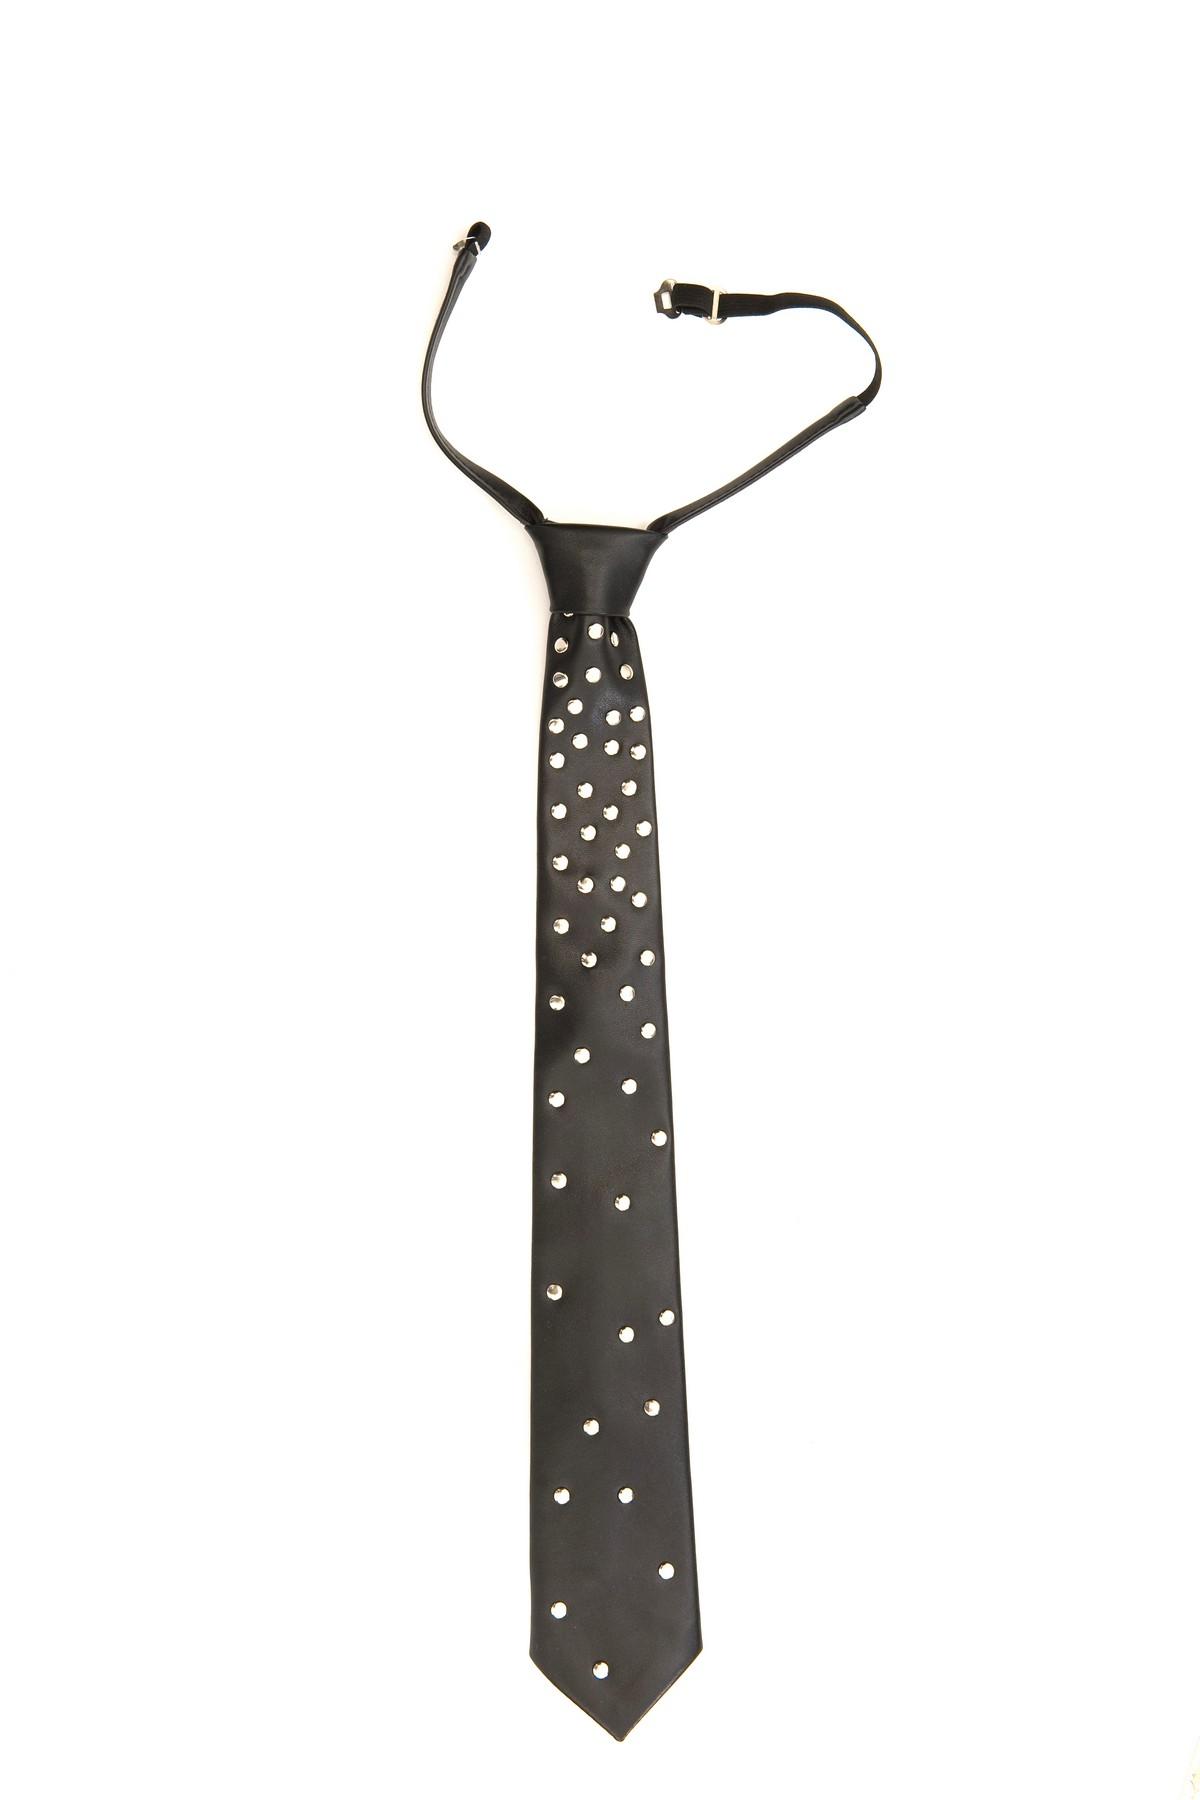 ГалстукАксессуары <br>Почувствуйте себя креативным, модным мужчиной, украшая свой вариант одежды таким  экстравагантным галстуком.<br><br>Цвет: черный<br>Состав: 53%полиуретан, 47%полиэстер<br>Страна дизайна: Россия<br>Страна производства: Россия